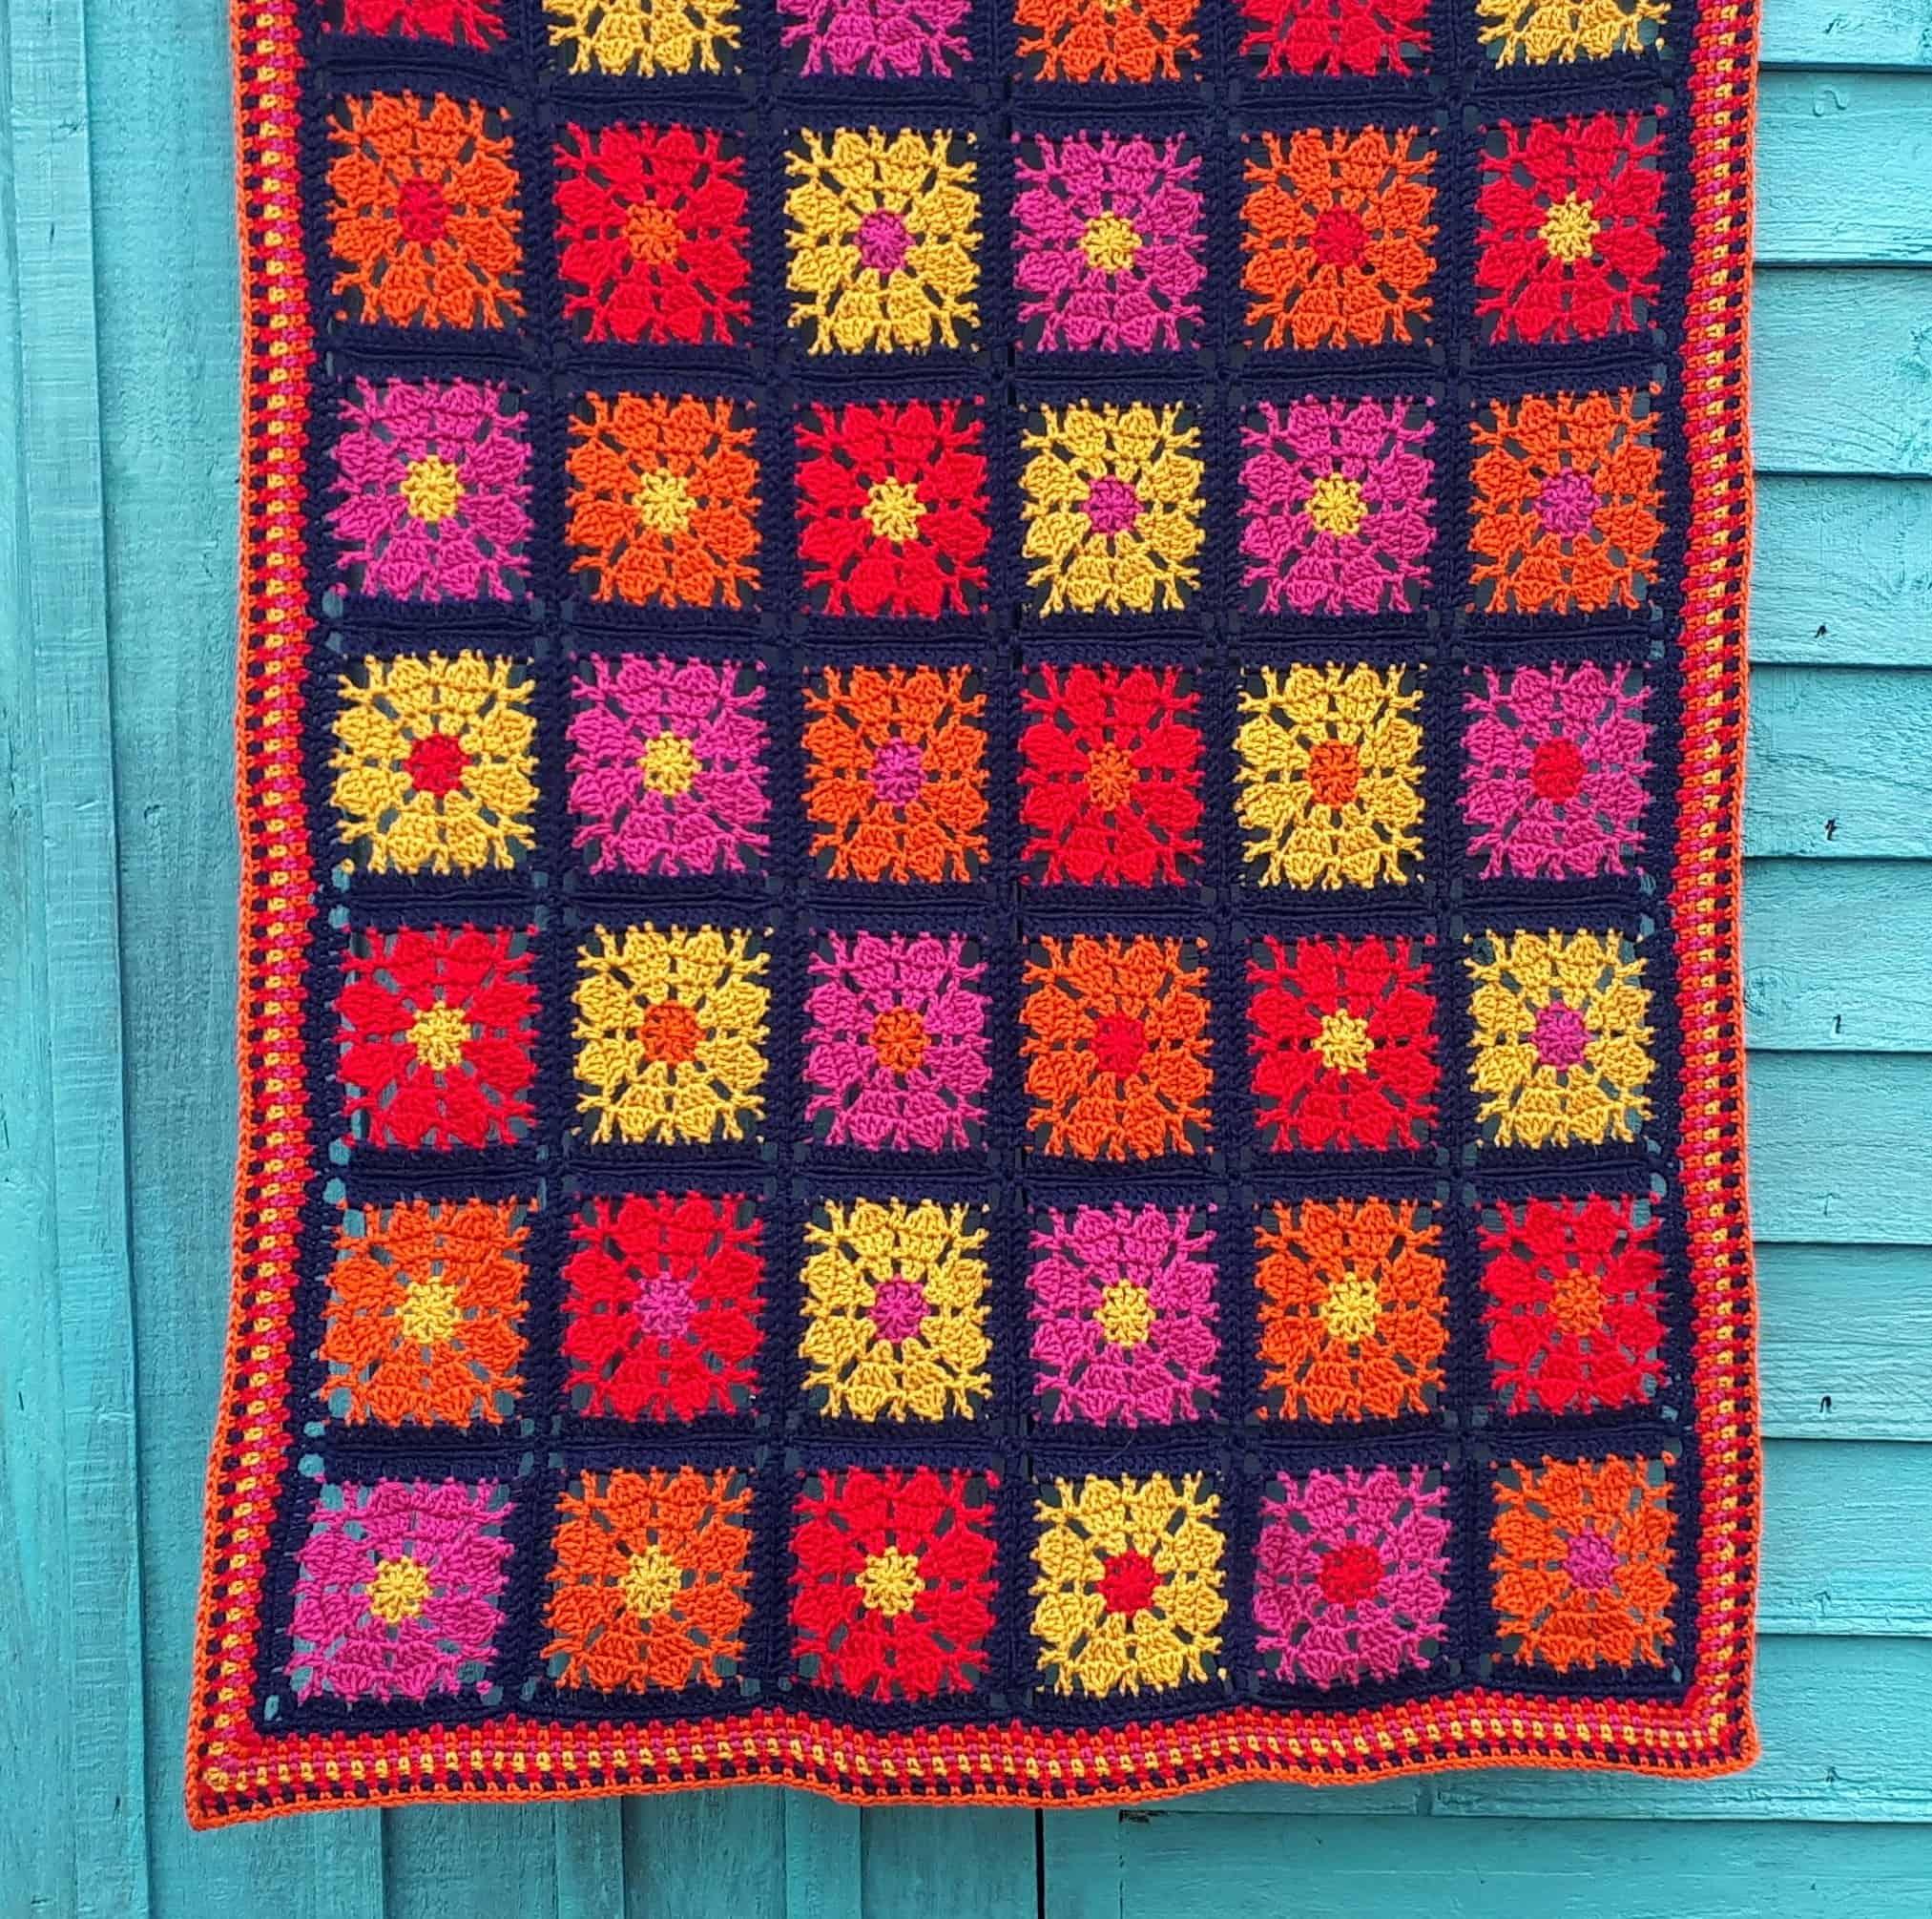 Carousel Blanket Free Crochet Pattern